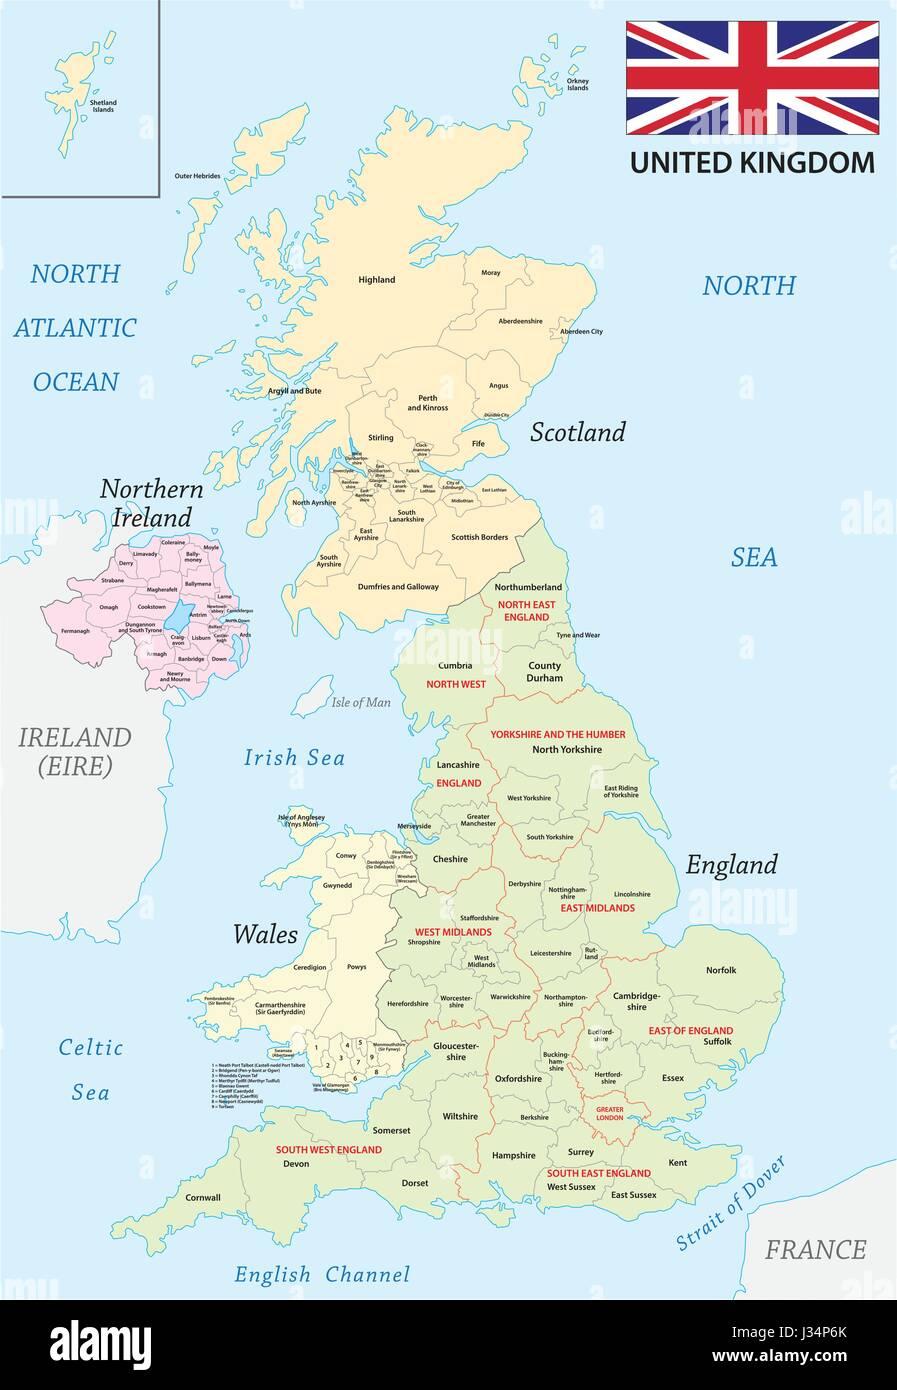 Immagini Cartina Regno Unito Da Stampare.United Kingdom Administrative And Political Map With Flag Stock Vector Image Art Alamy